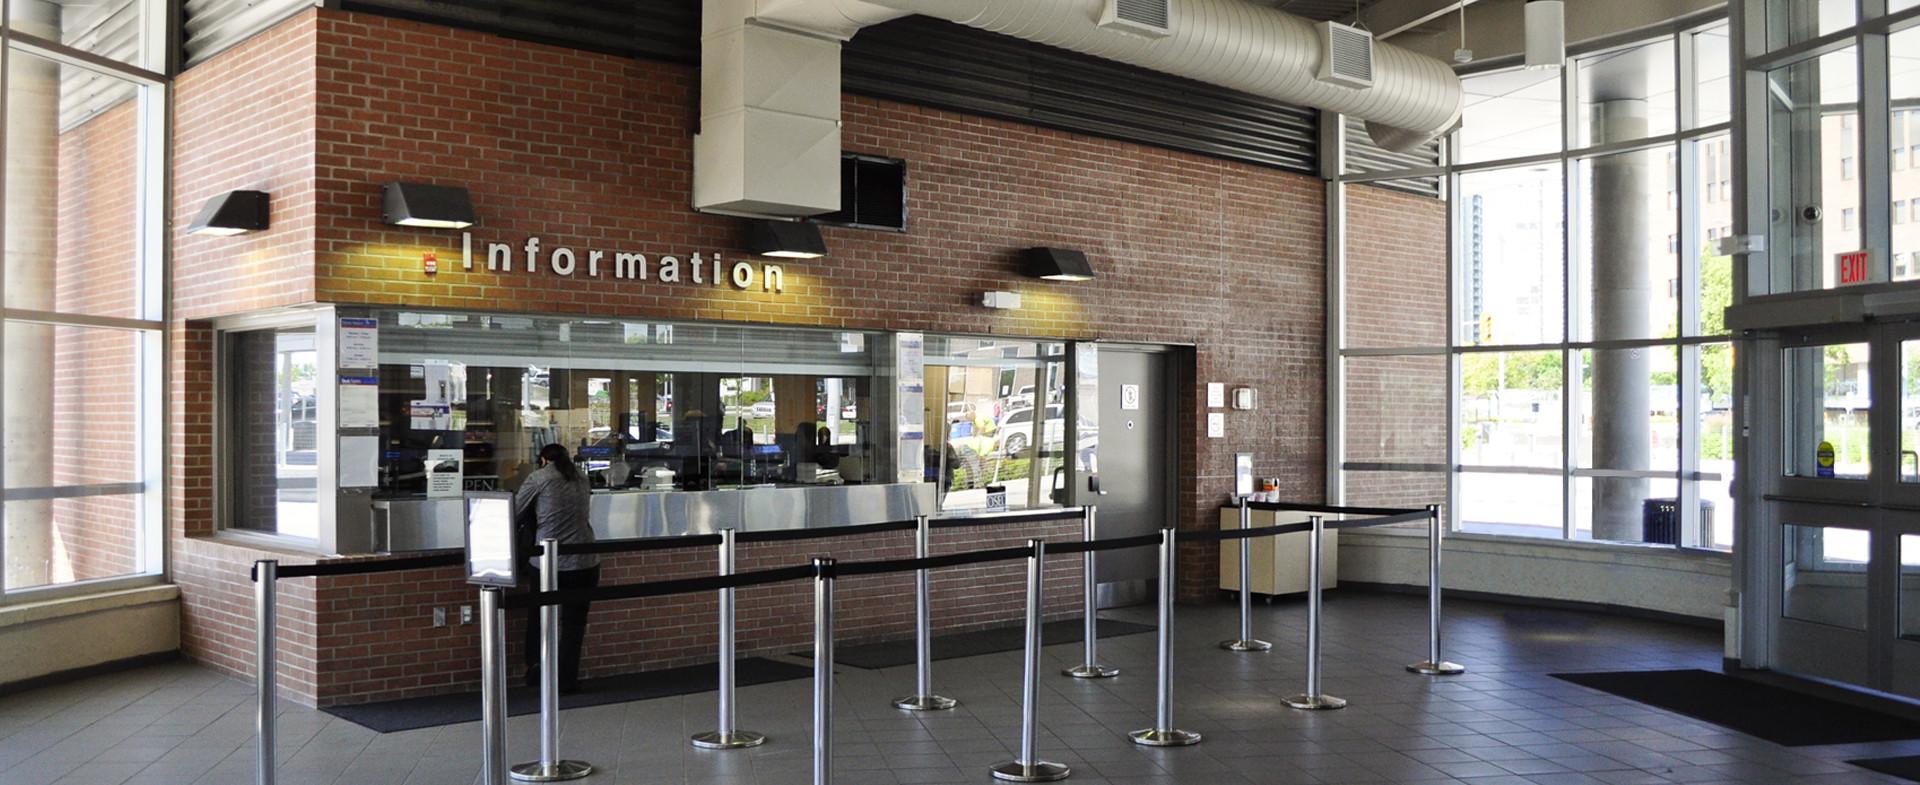 Bramalea-Transit-Terminal-3